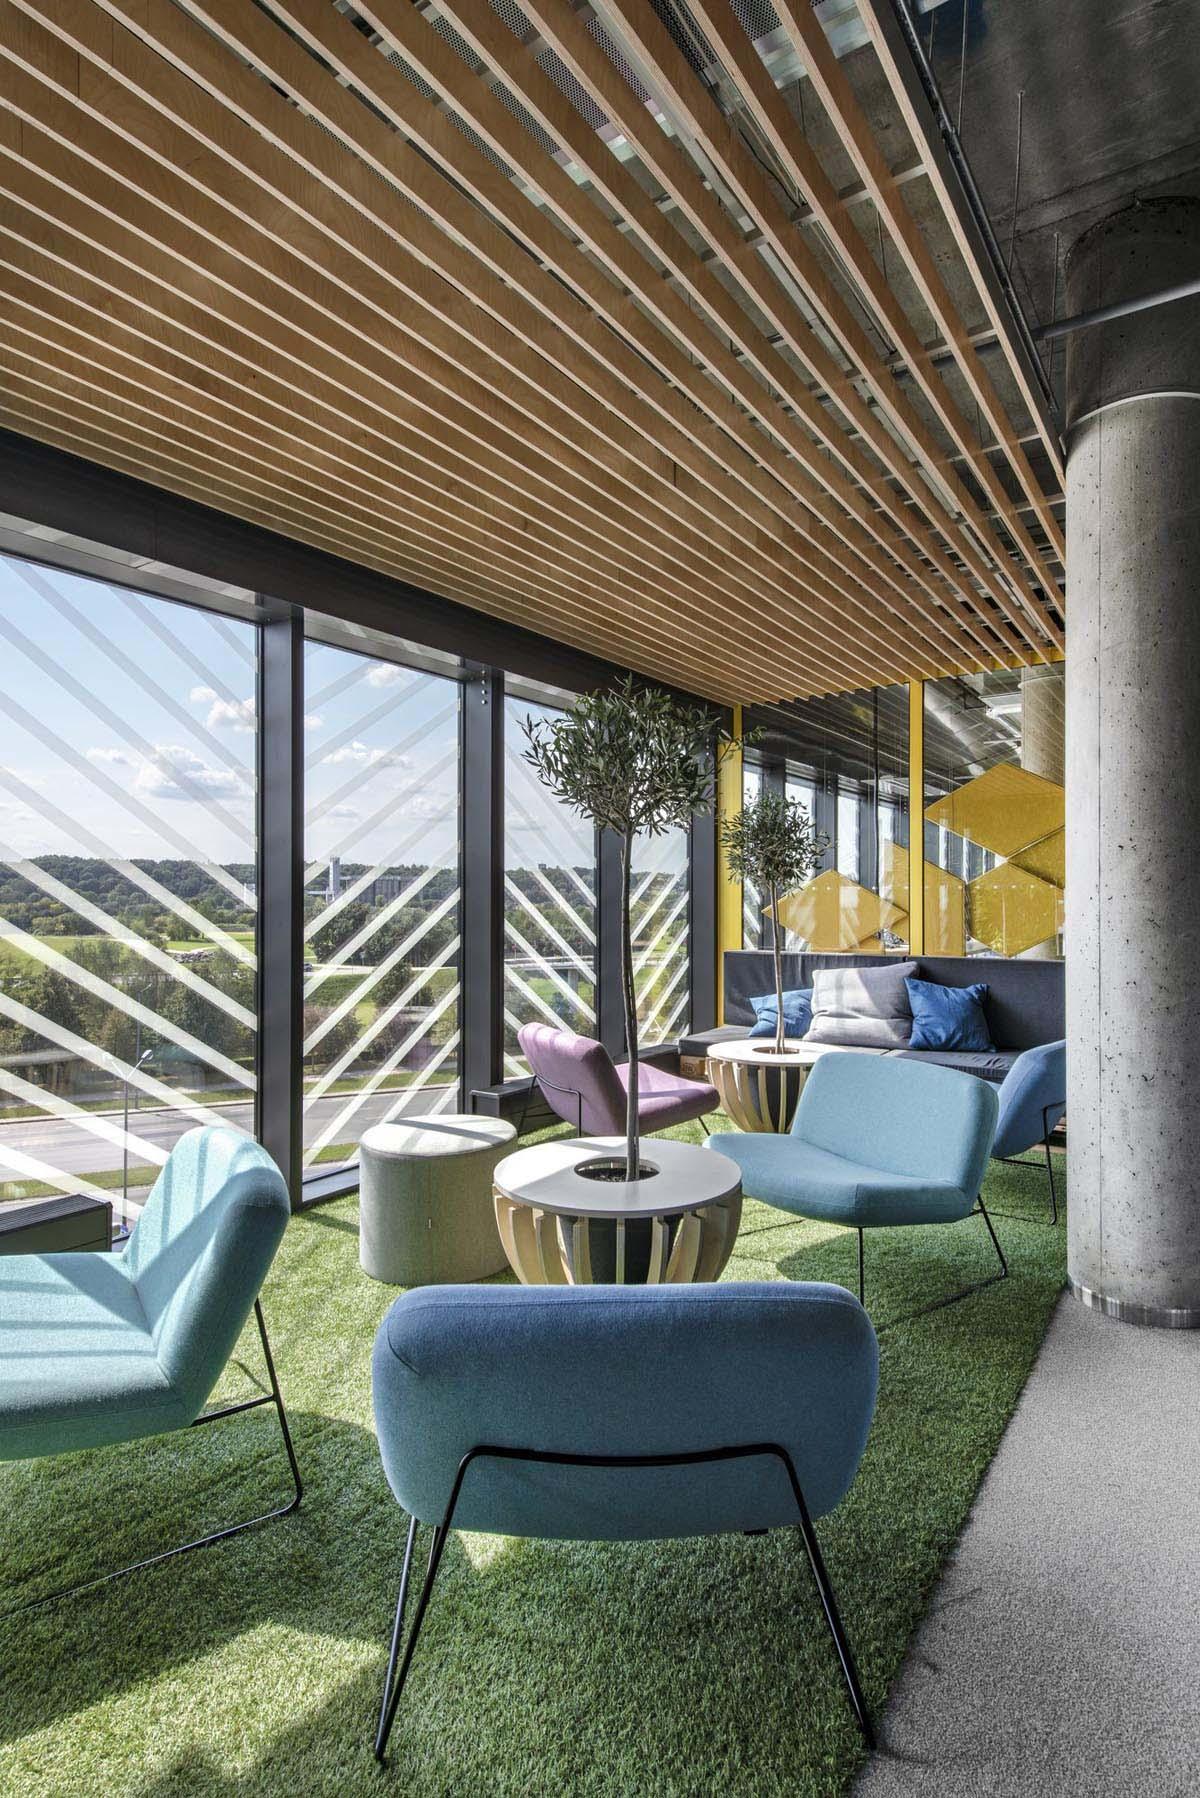 800㎡办公空间设计,精通空间布局,诠释工作态度|LAVA studio - 19